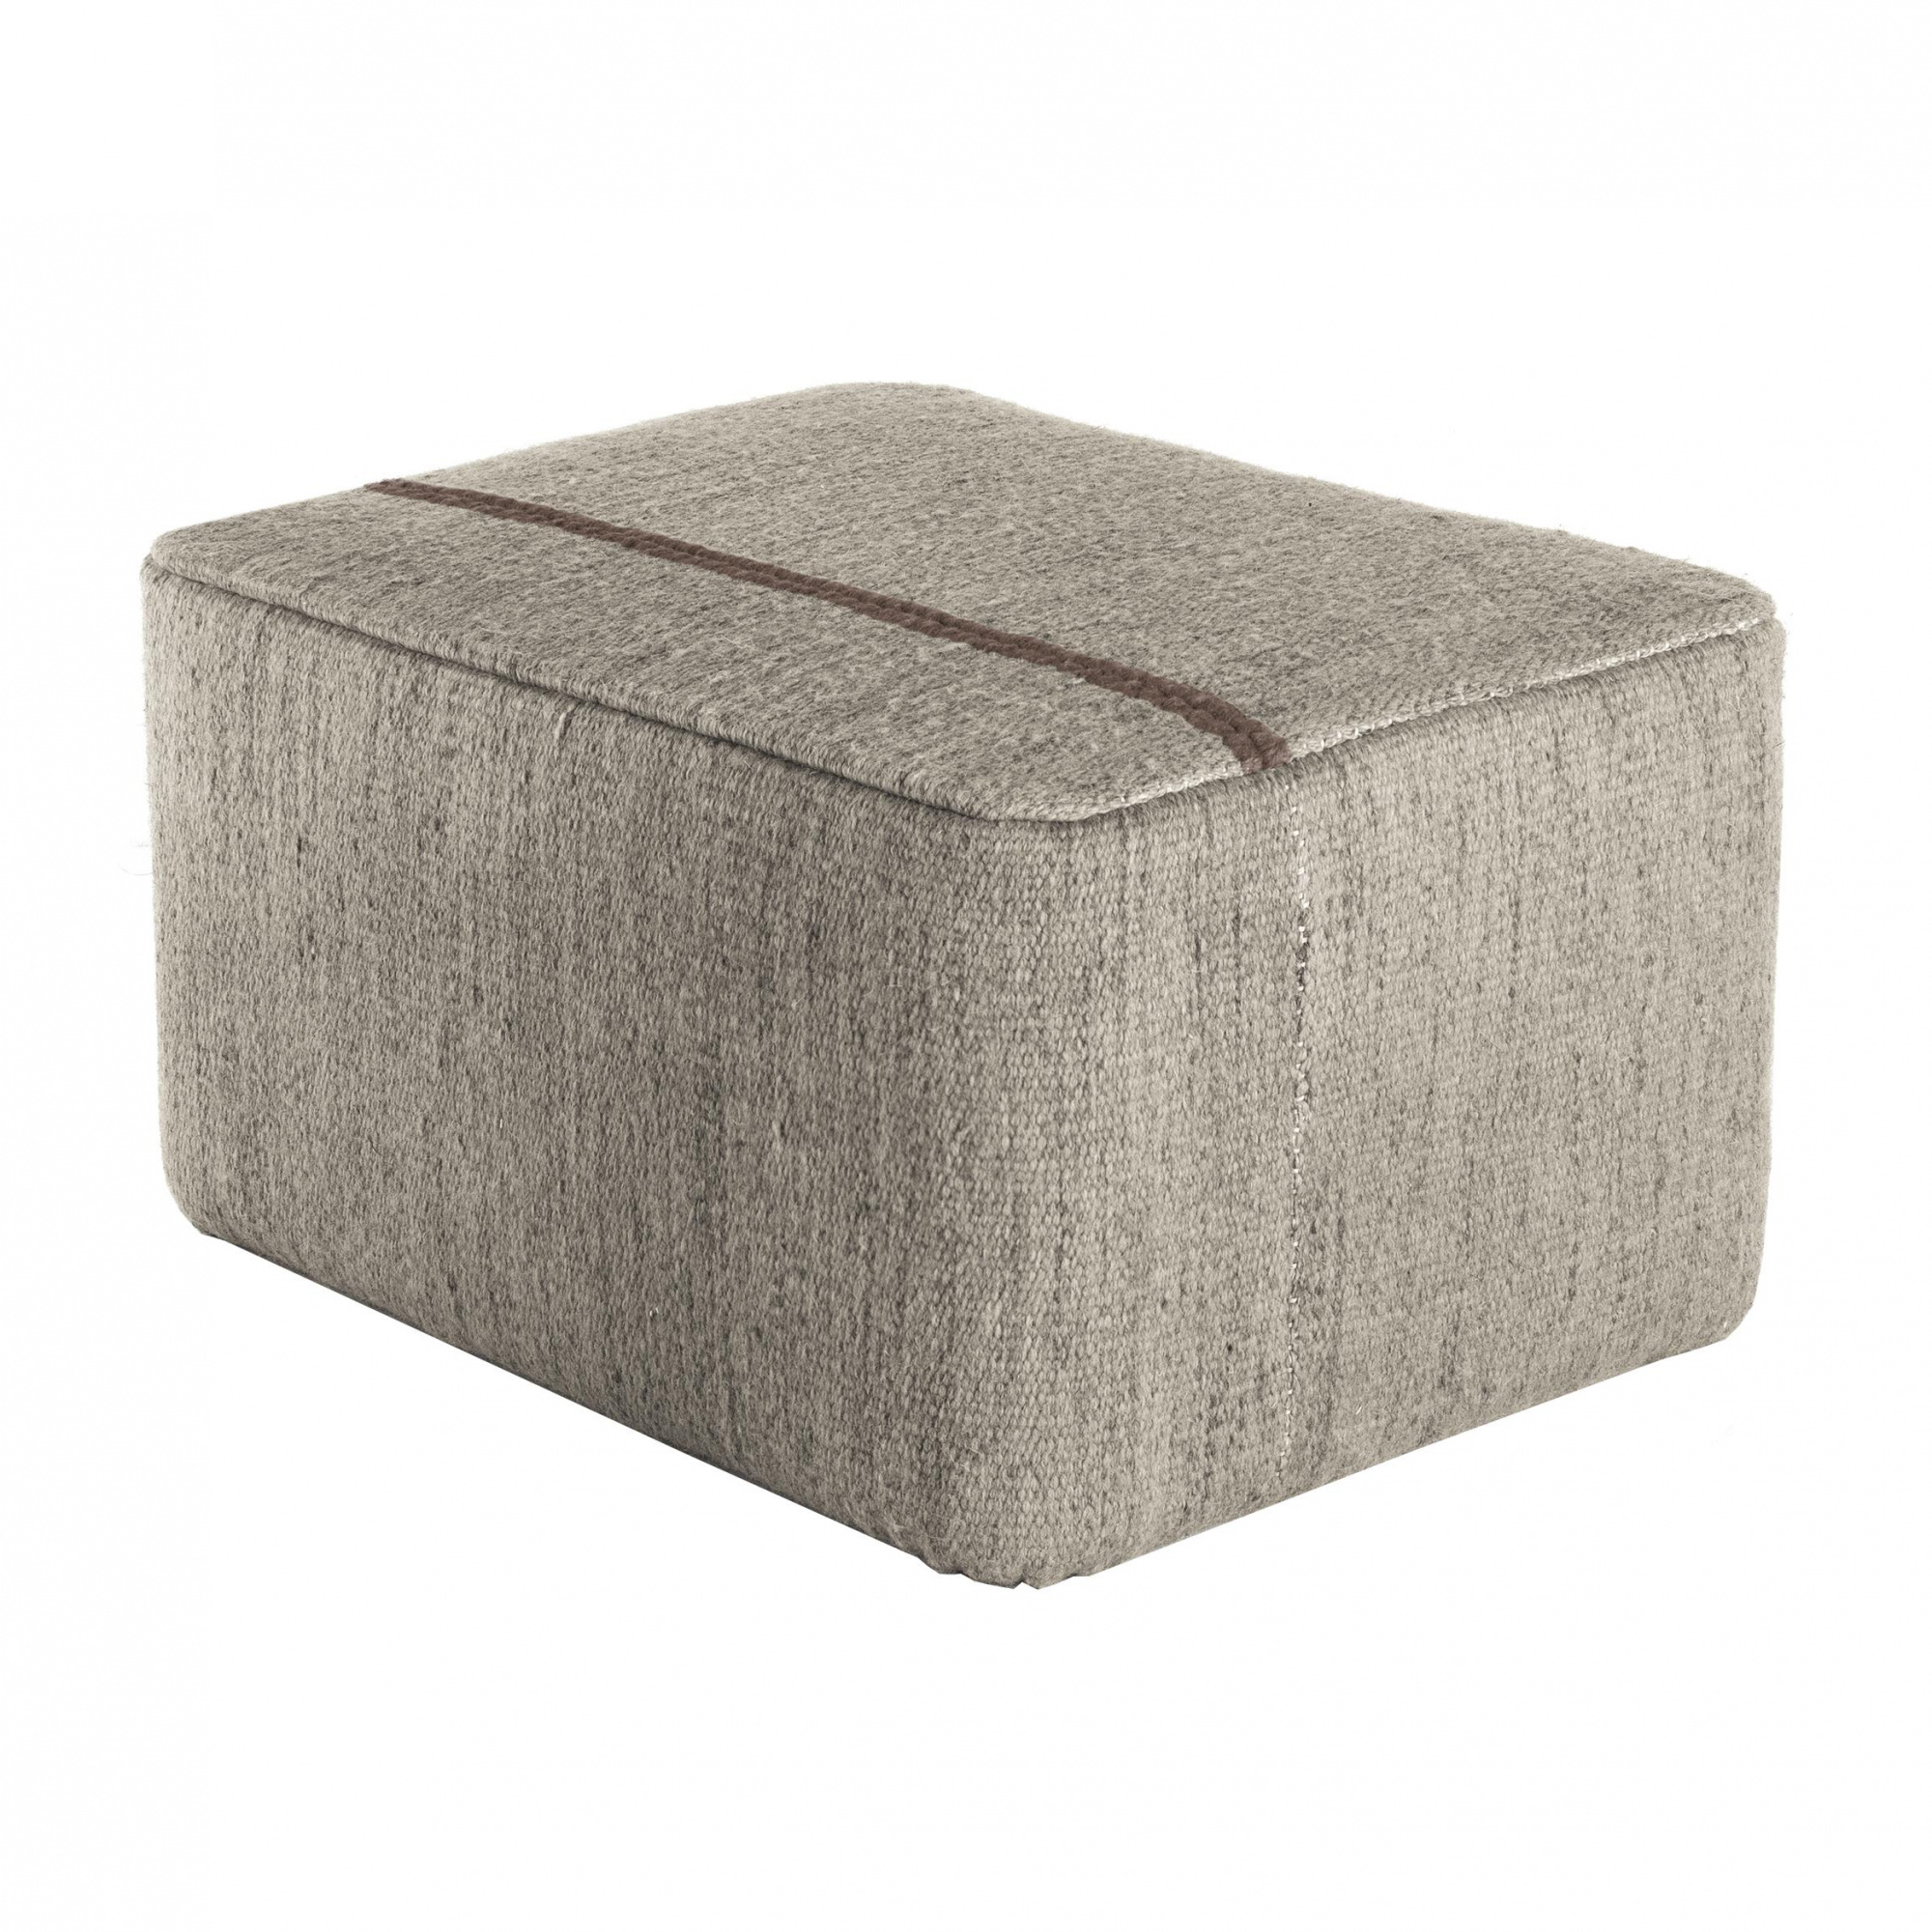 Nanimarquina - Mía Pouf/Hocker - Stein/Kilim: 100% Neuseeländische Wolle/Dichte: 37.800 Knoten/m2/LxBxH 80x60x40cm